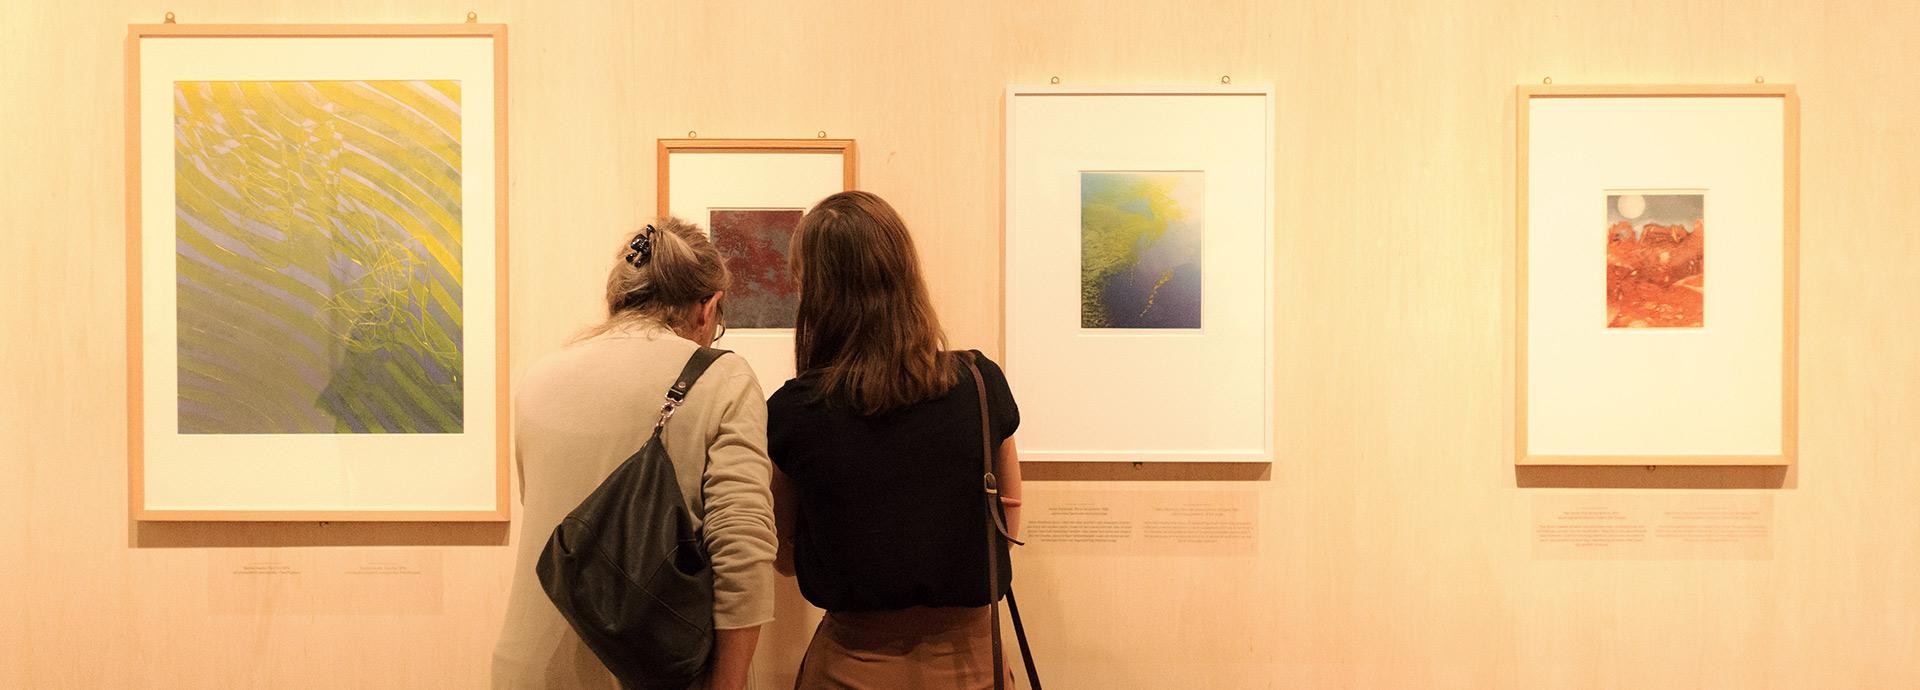 tentoonstelling-in-de-ban-van-hercules-segers-rembrandthuis